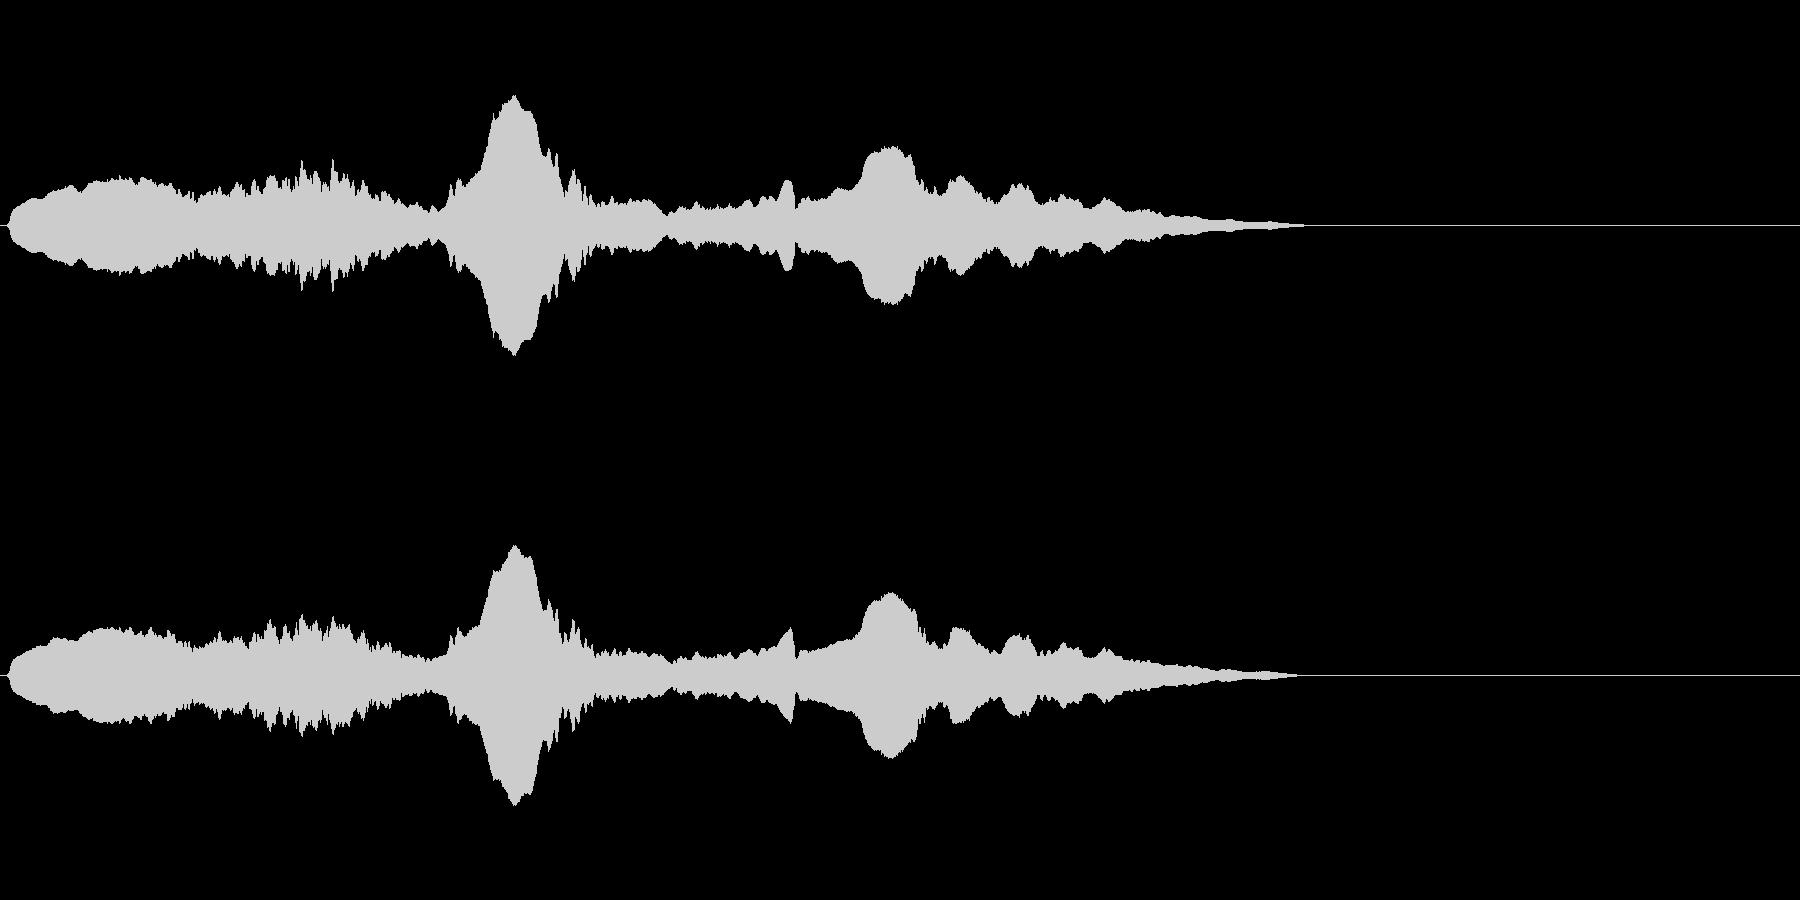 尺八 生演奏 古典風 残響音有 #11の未再生の波形